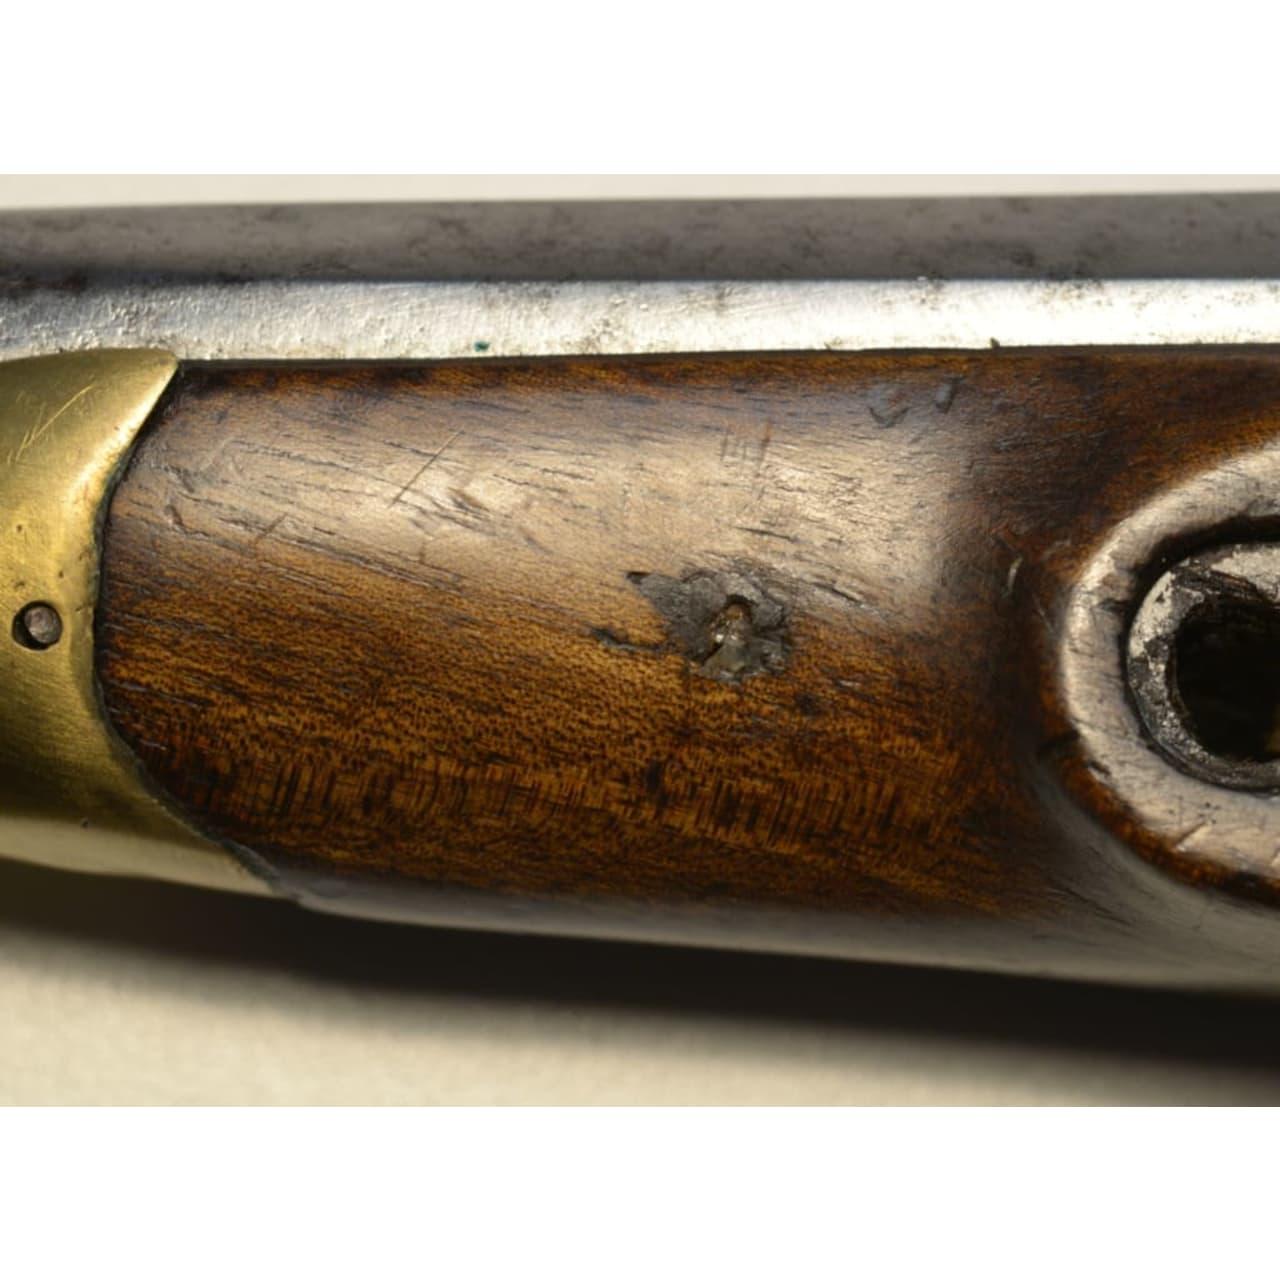 Kavallerie-Steinschlosspistole, um 1830